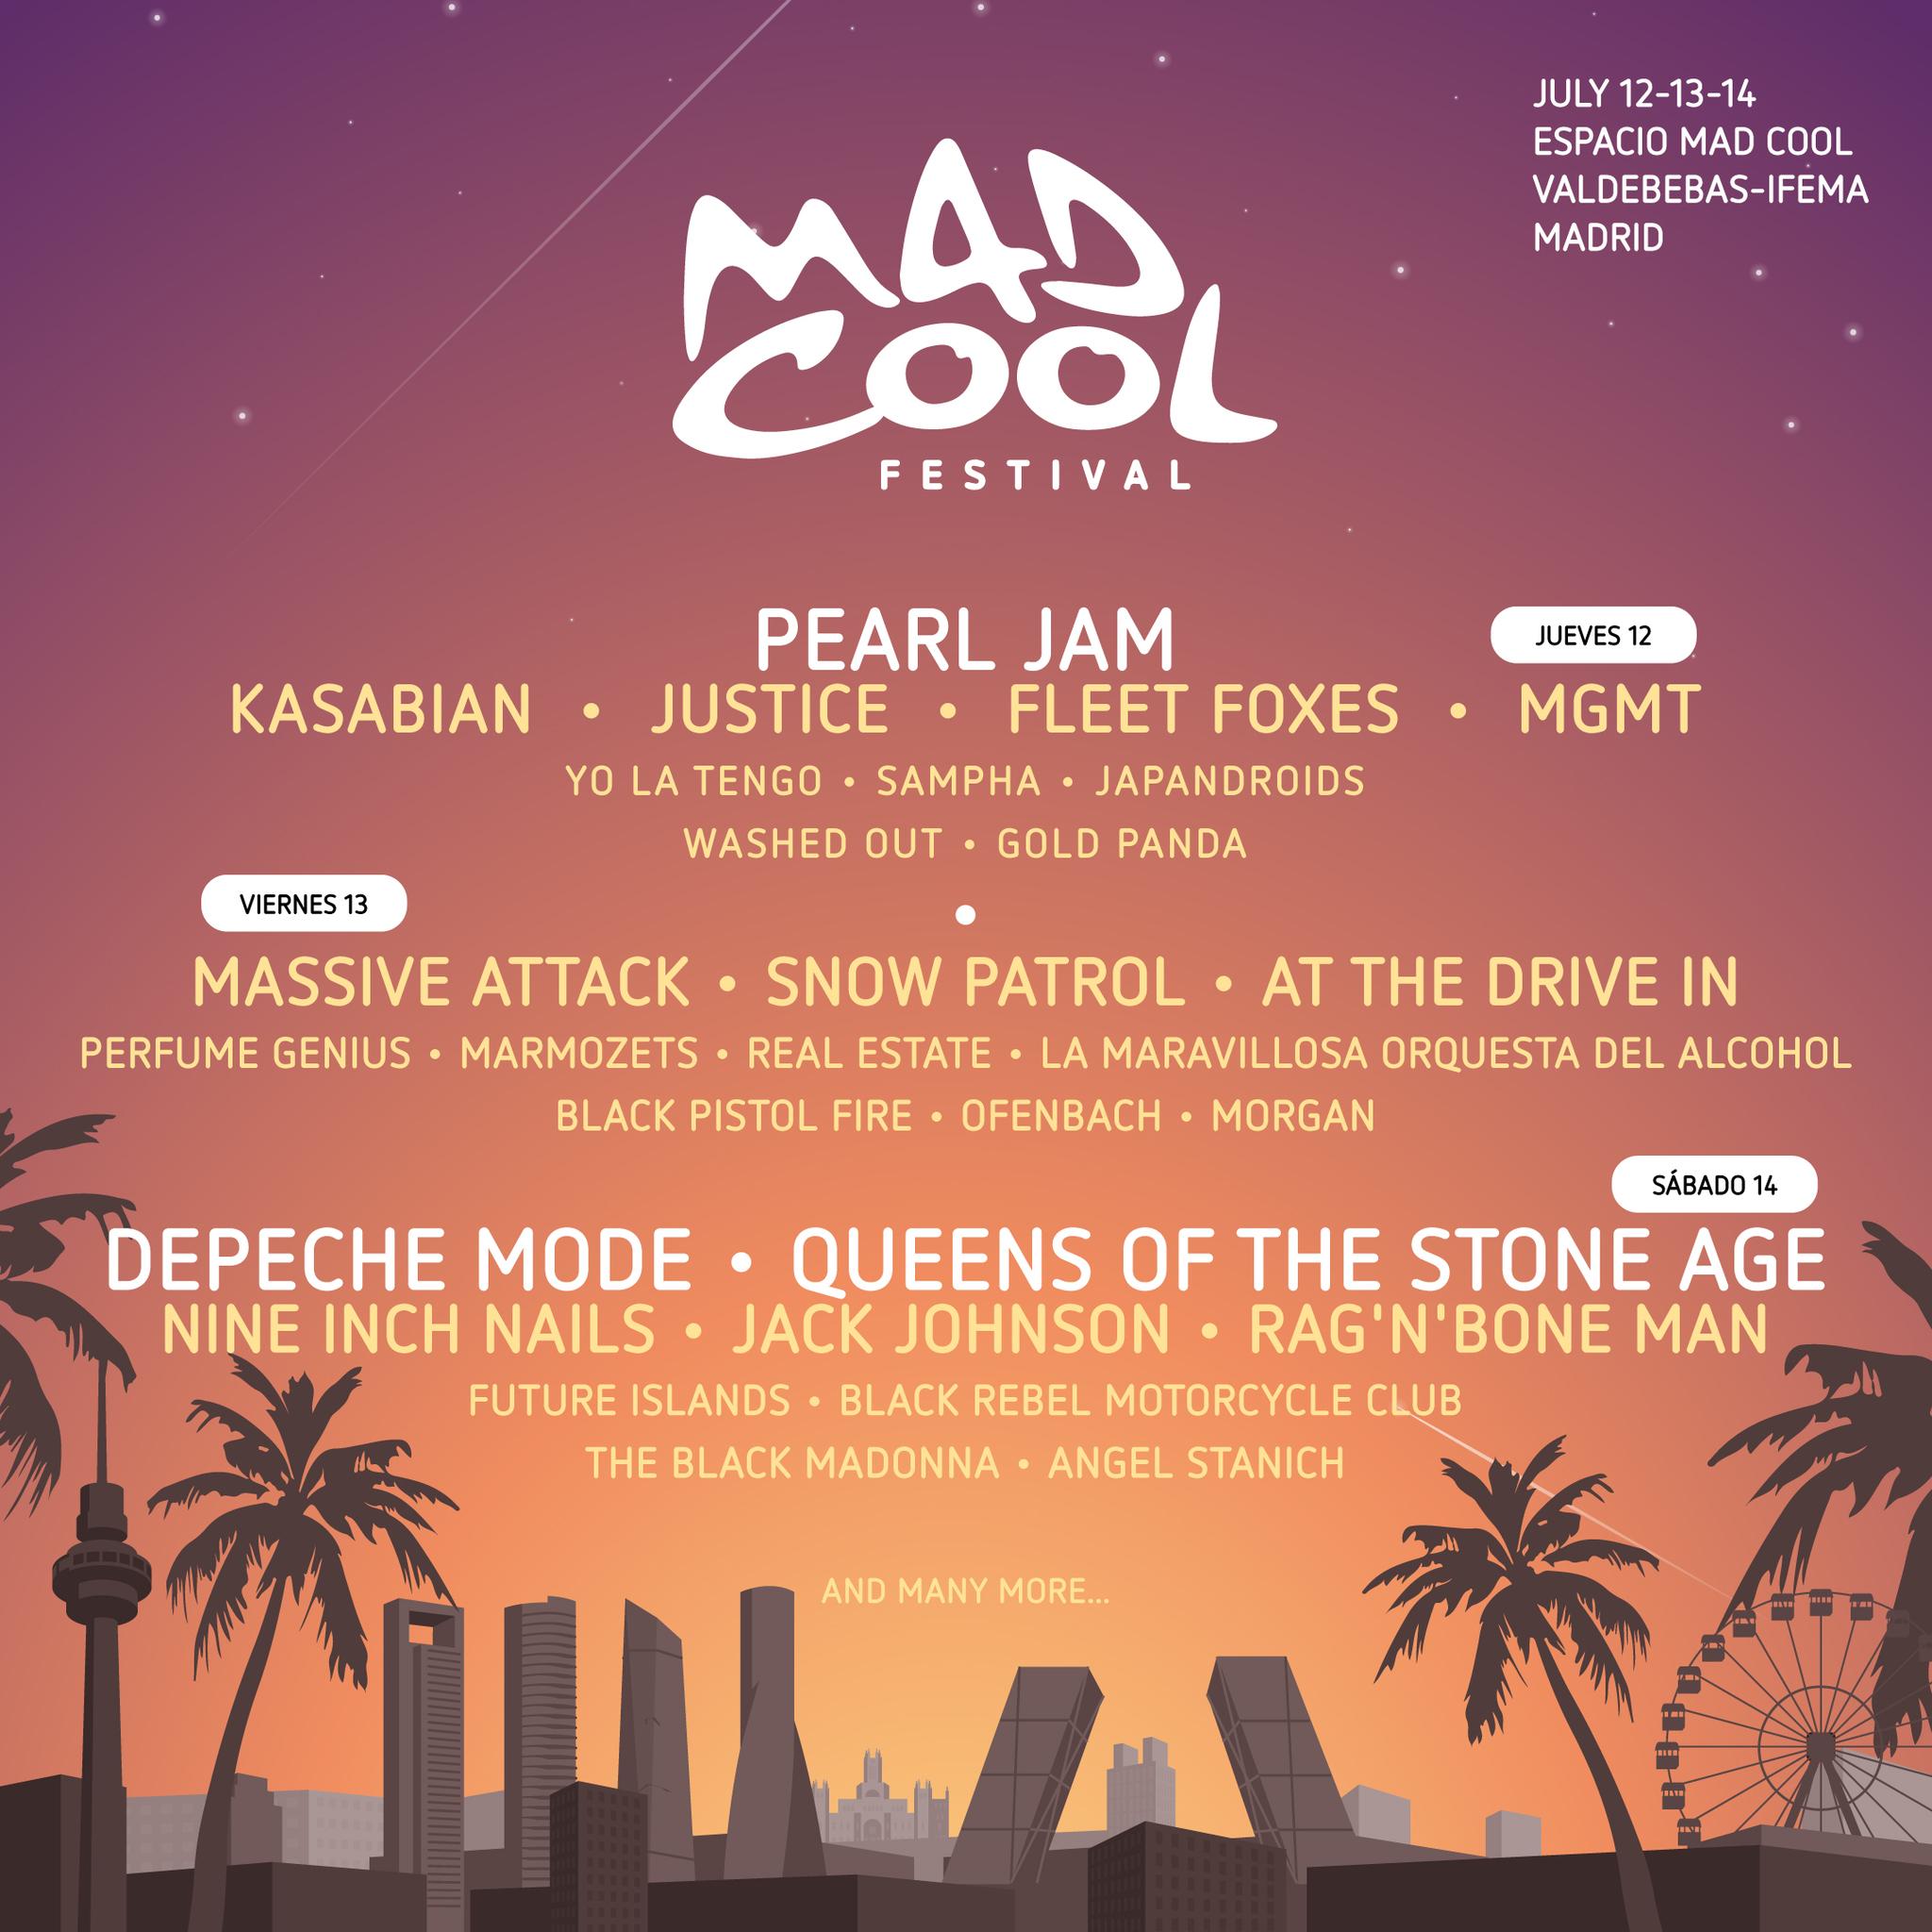 Cartel de Mad Cool Festival 2018 con Pearl Jam y Depeche Mode a la...